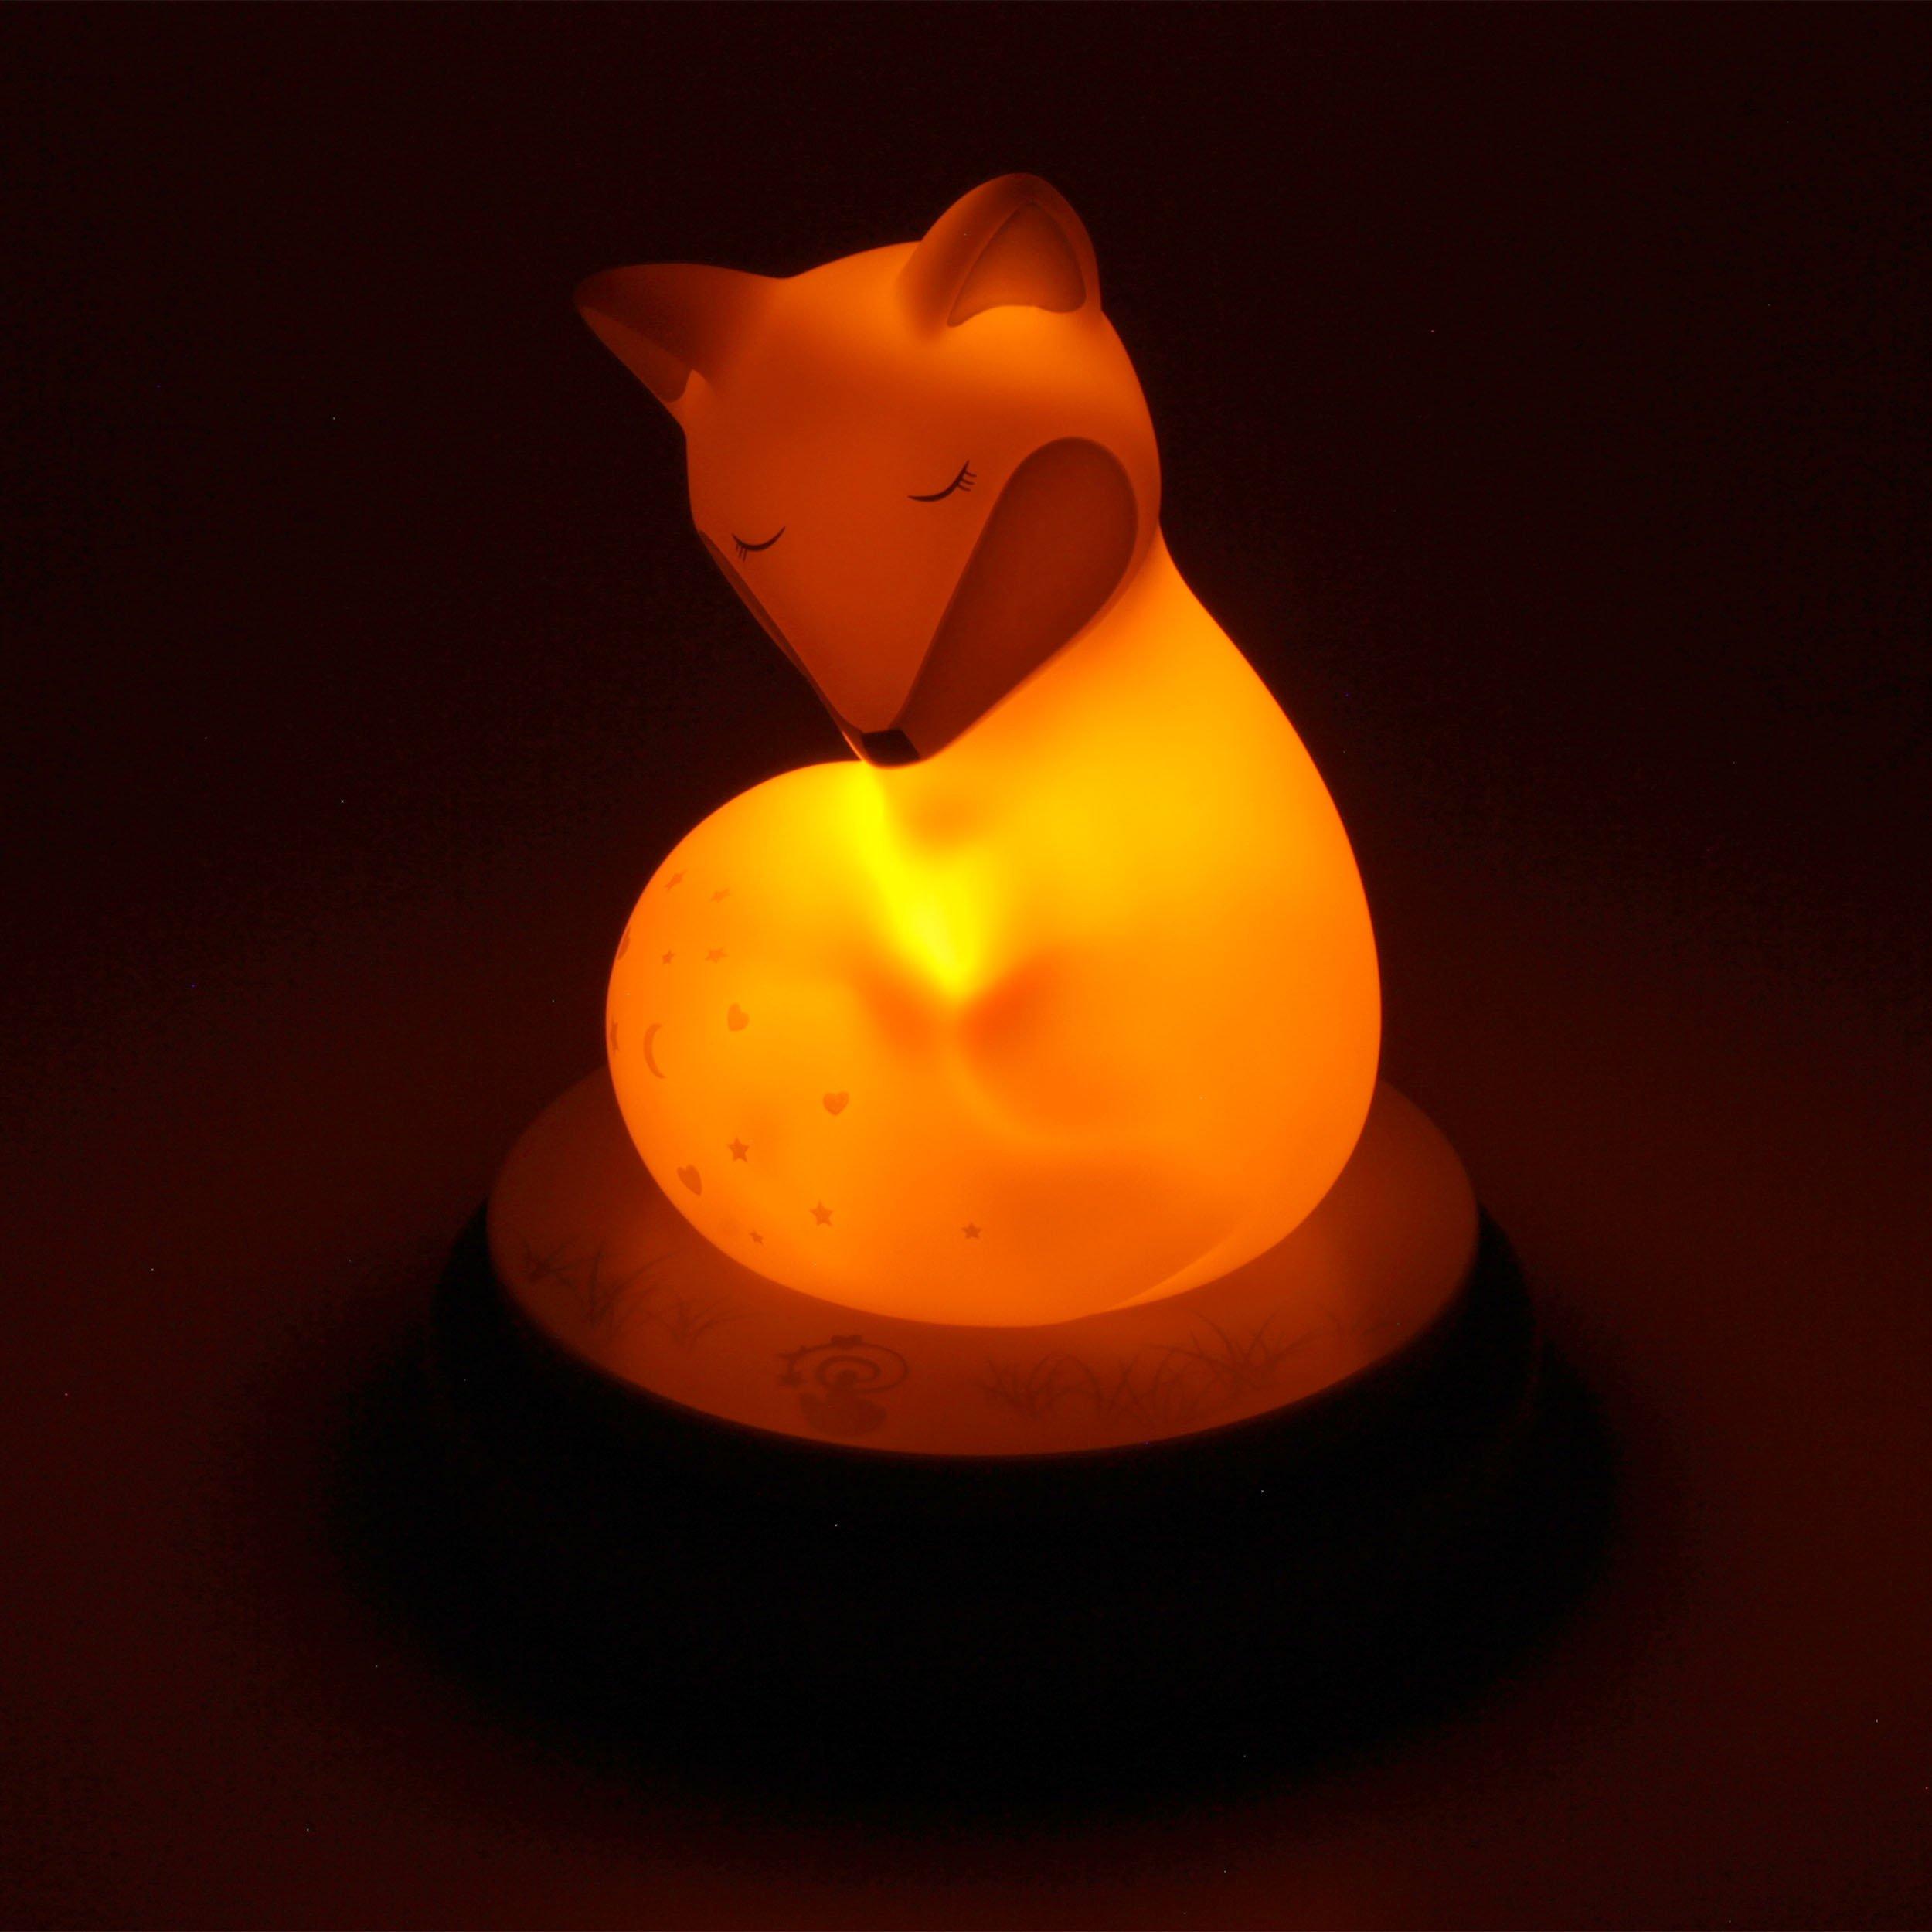 ANSMANN LED Nachtlicht Reh Einschlafhilfe mit sanftem Licht /& Berührungssensor